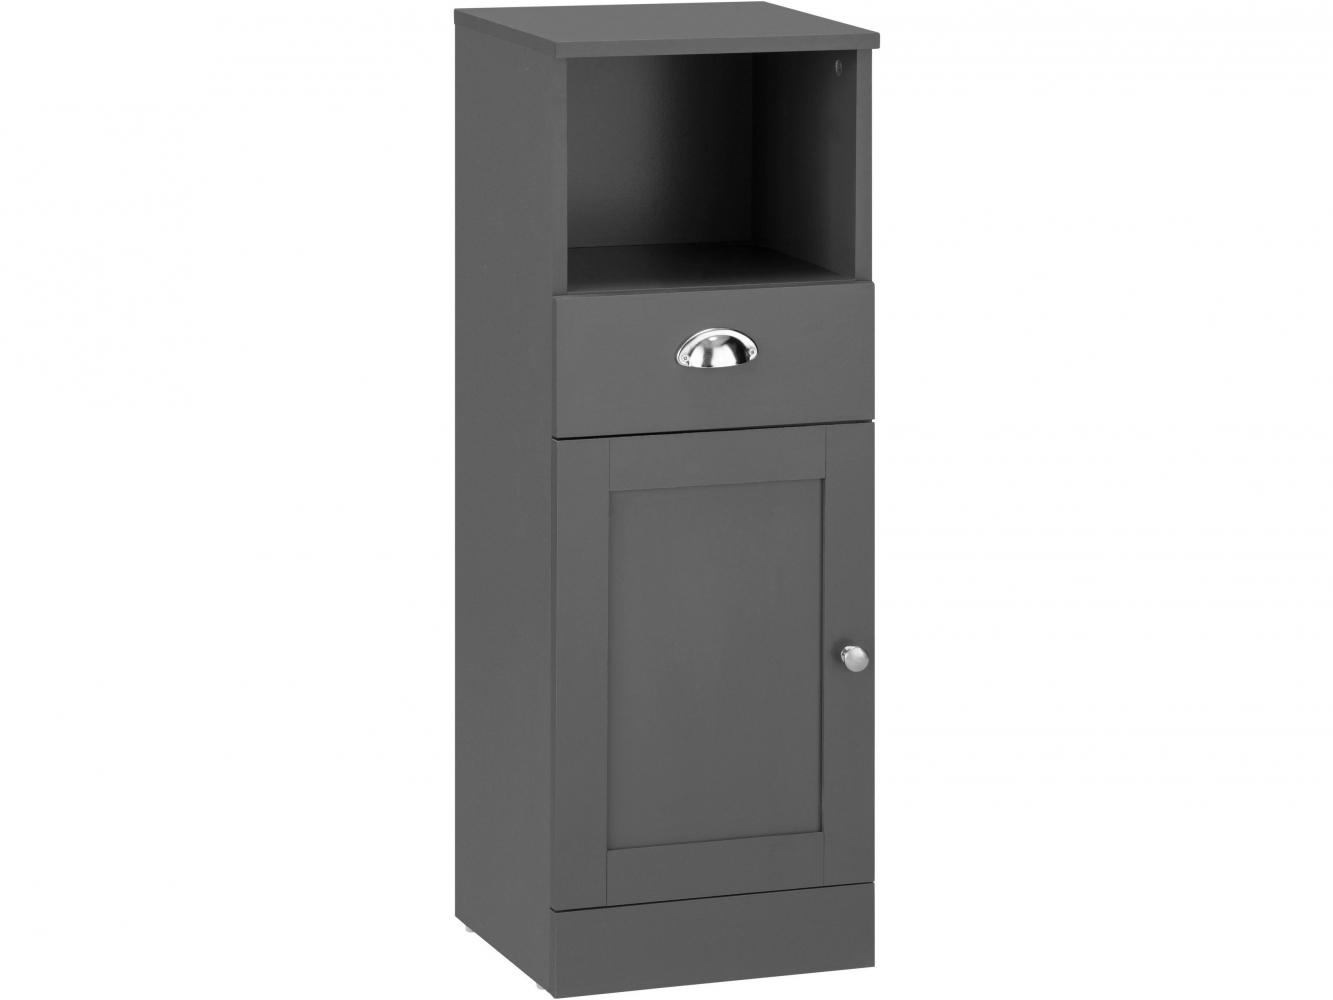 Koupelnová skříňka Kiley I., 90 cm, šedá